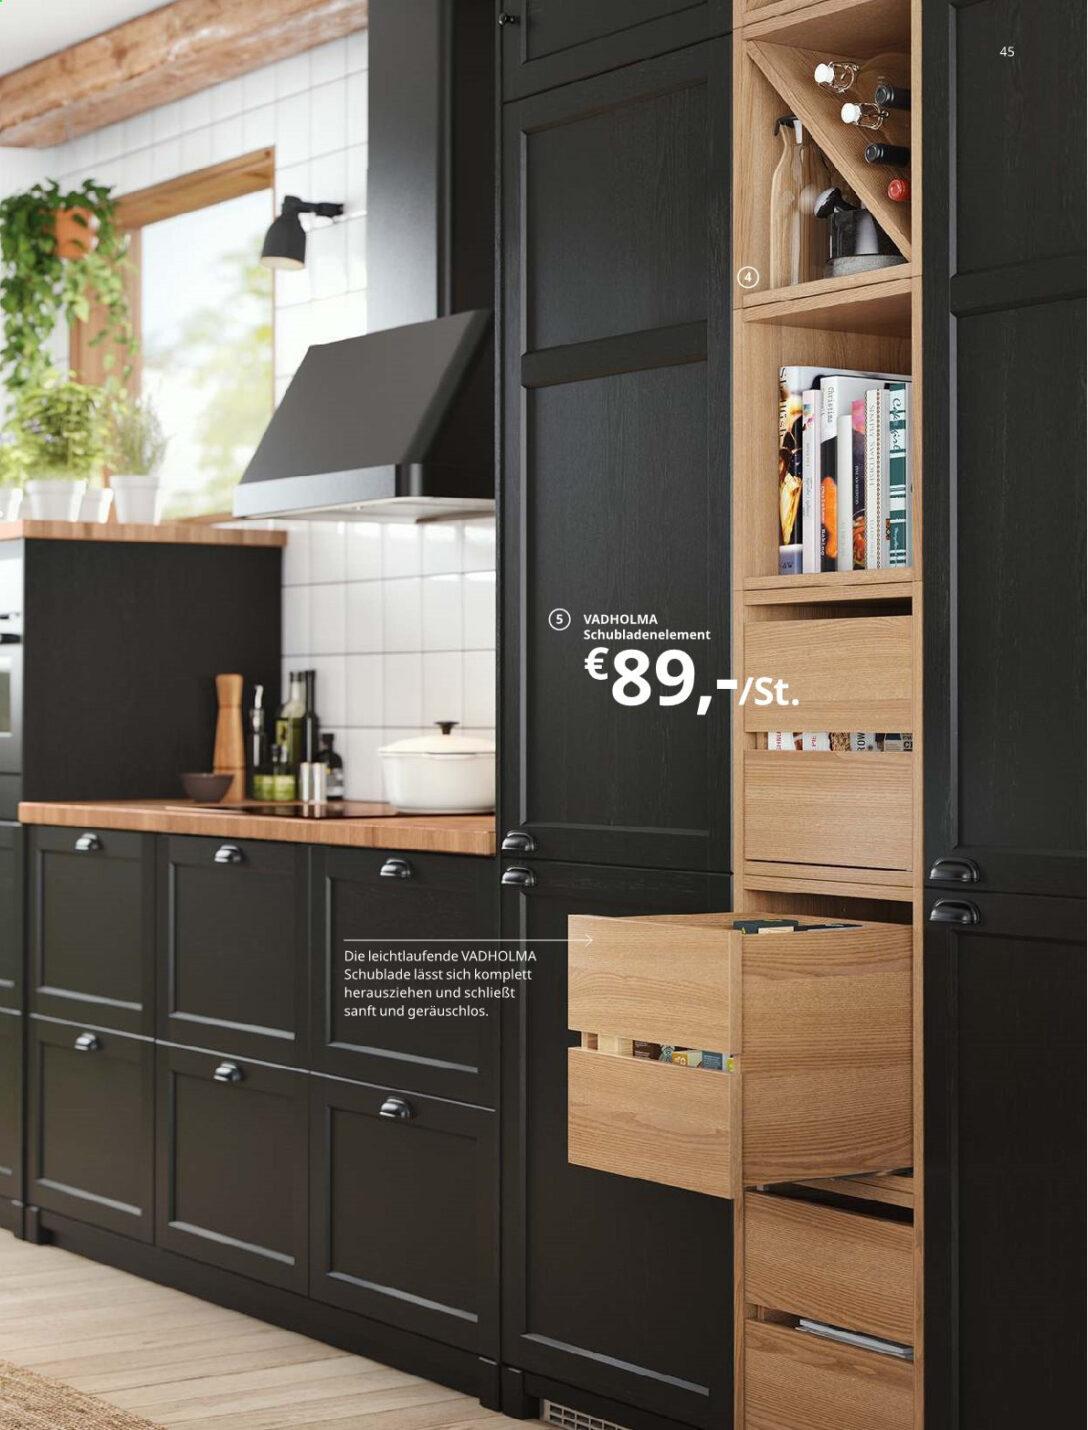 Large Size of Ikea Flugblatt 592019 31122020 Rabatt Kompass Küche Kosten Edelstahlküche Modulküche Betten Bei Sofa Mit Schlaffunktion Miniküche 160x200 Kaufen Gebraucht Wohnzimmer Ikea Edelstahlküche